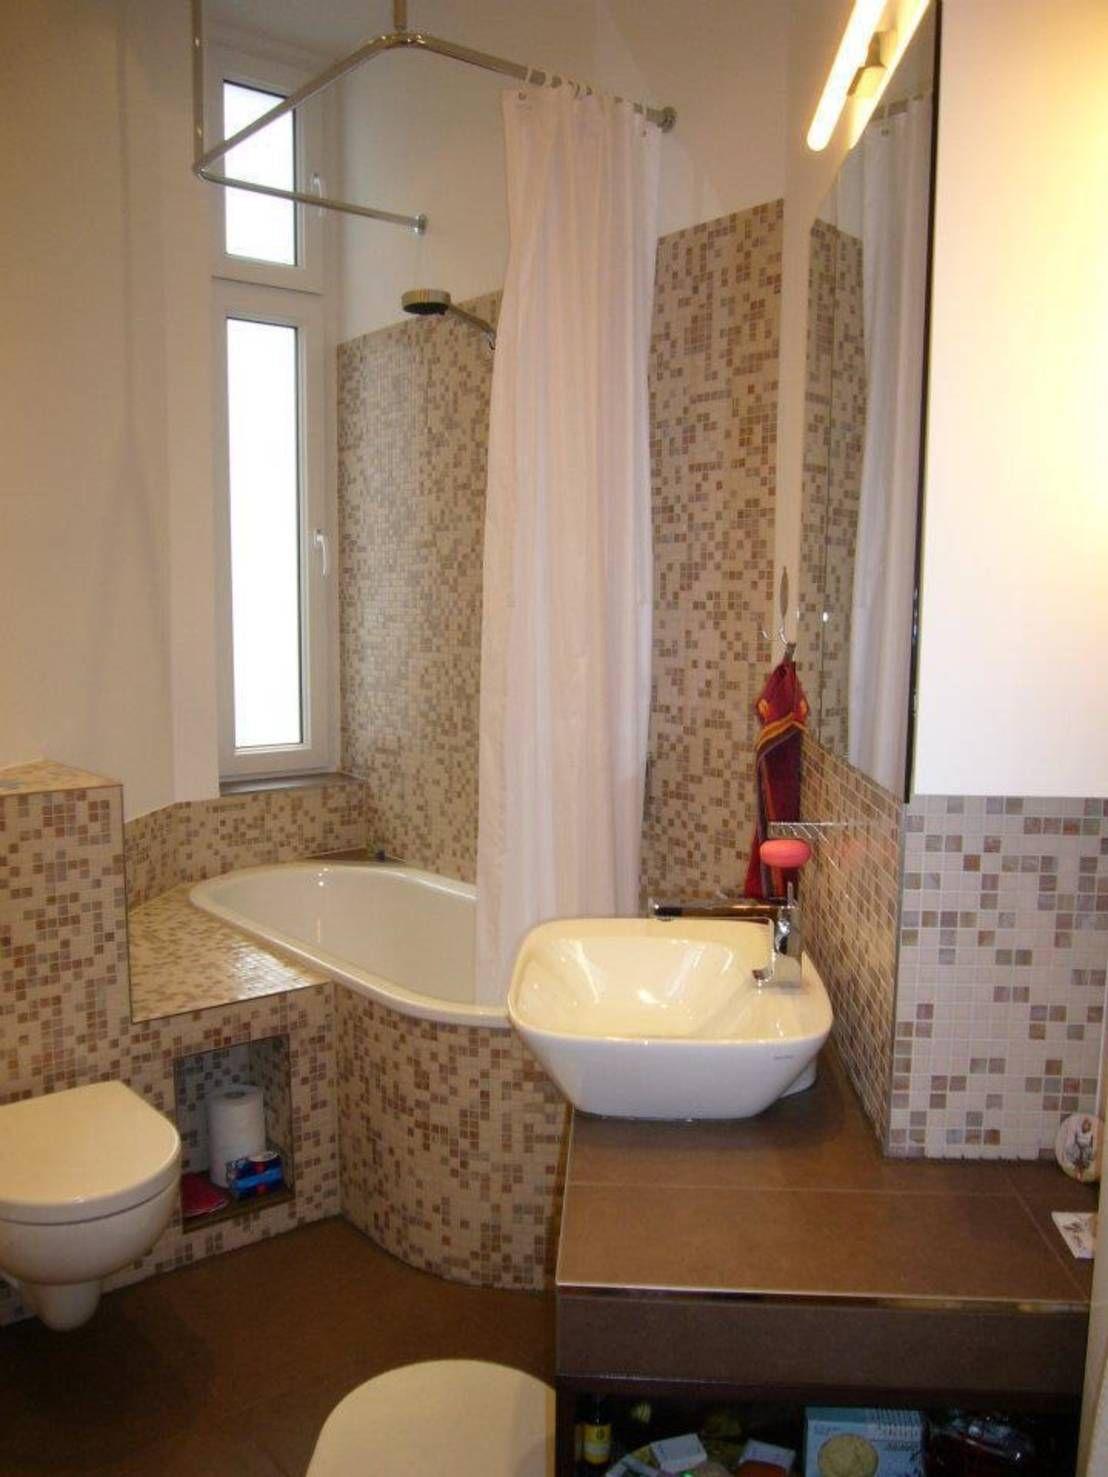 Kleines Bad ganz groß | Bad, Kleine bäder und Badezimmer